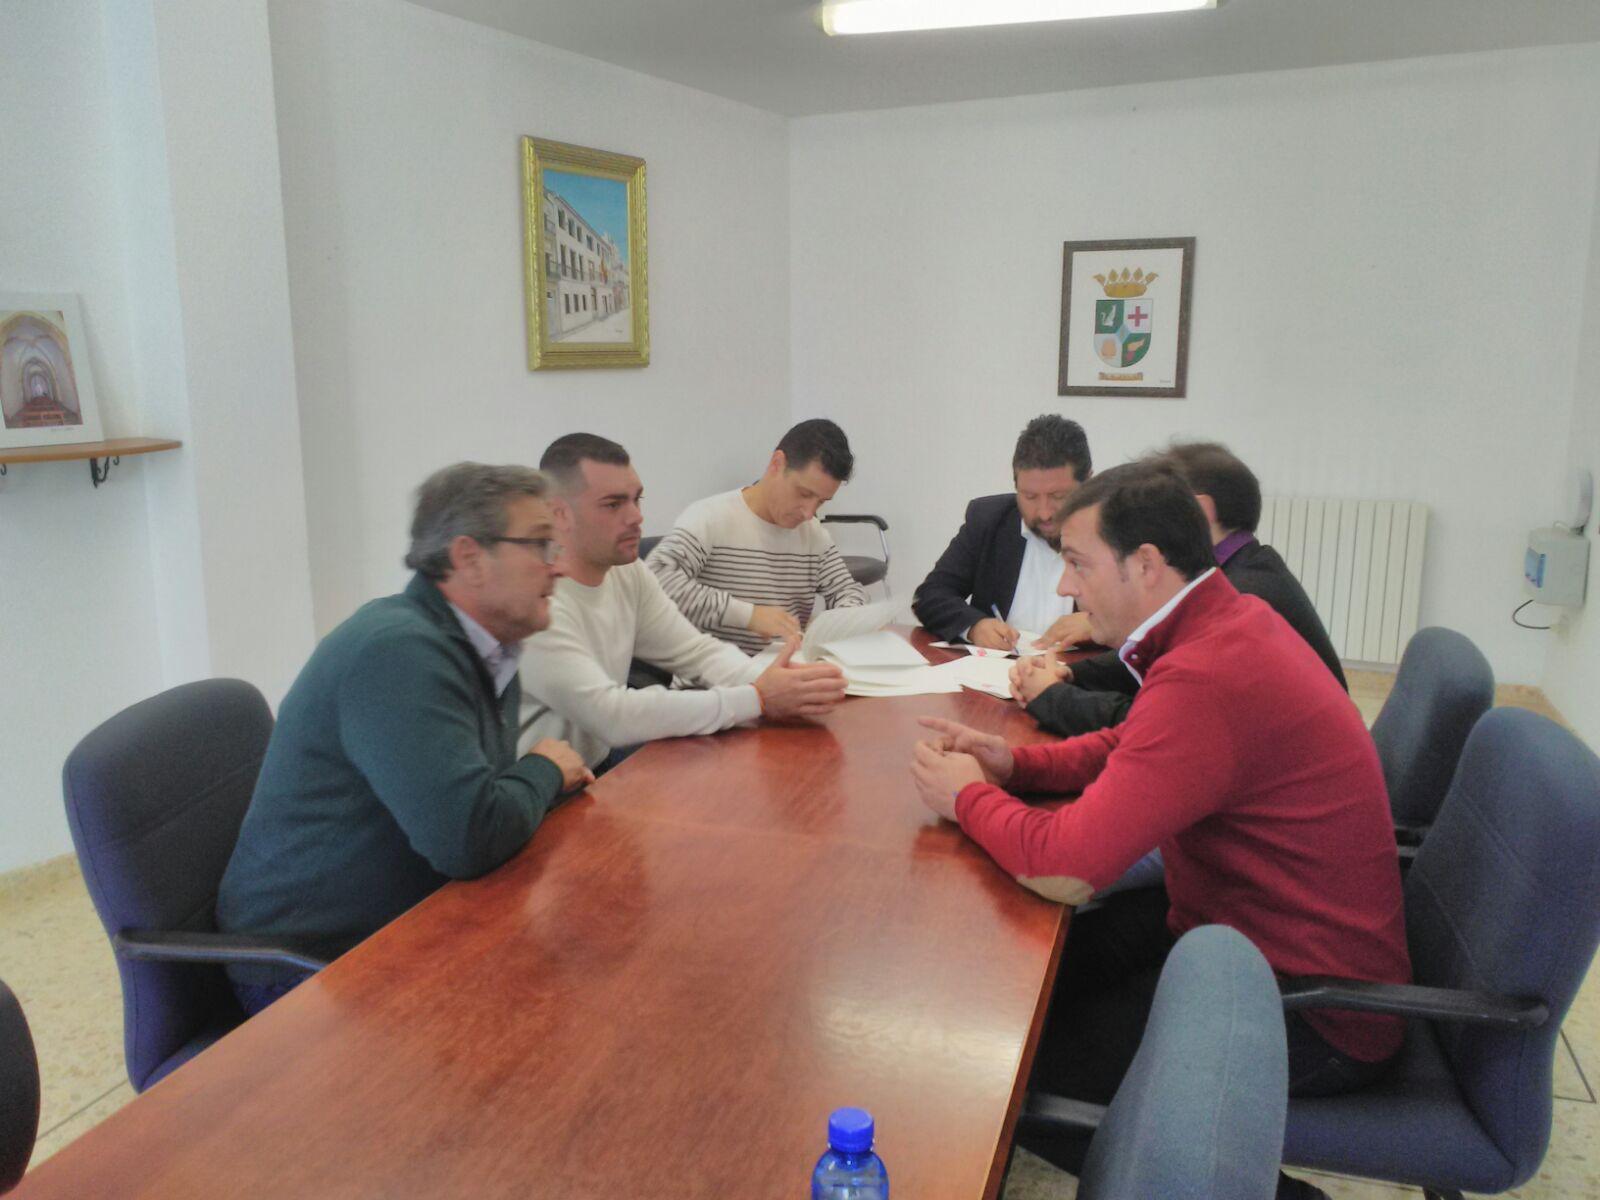 La Jana, la Diputació invertirà 60.000 euros per renovar la piscina municipal